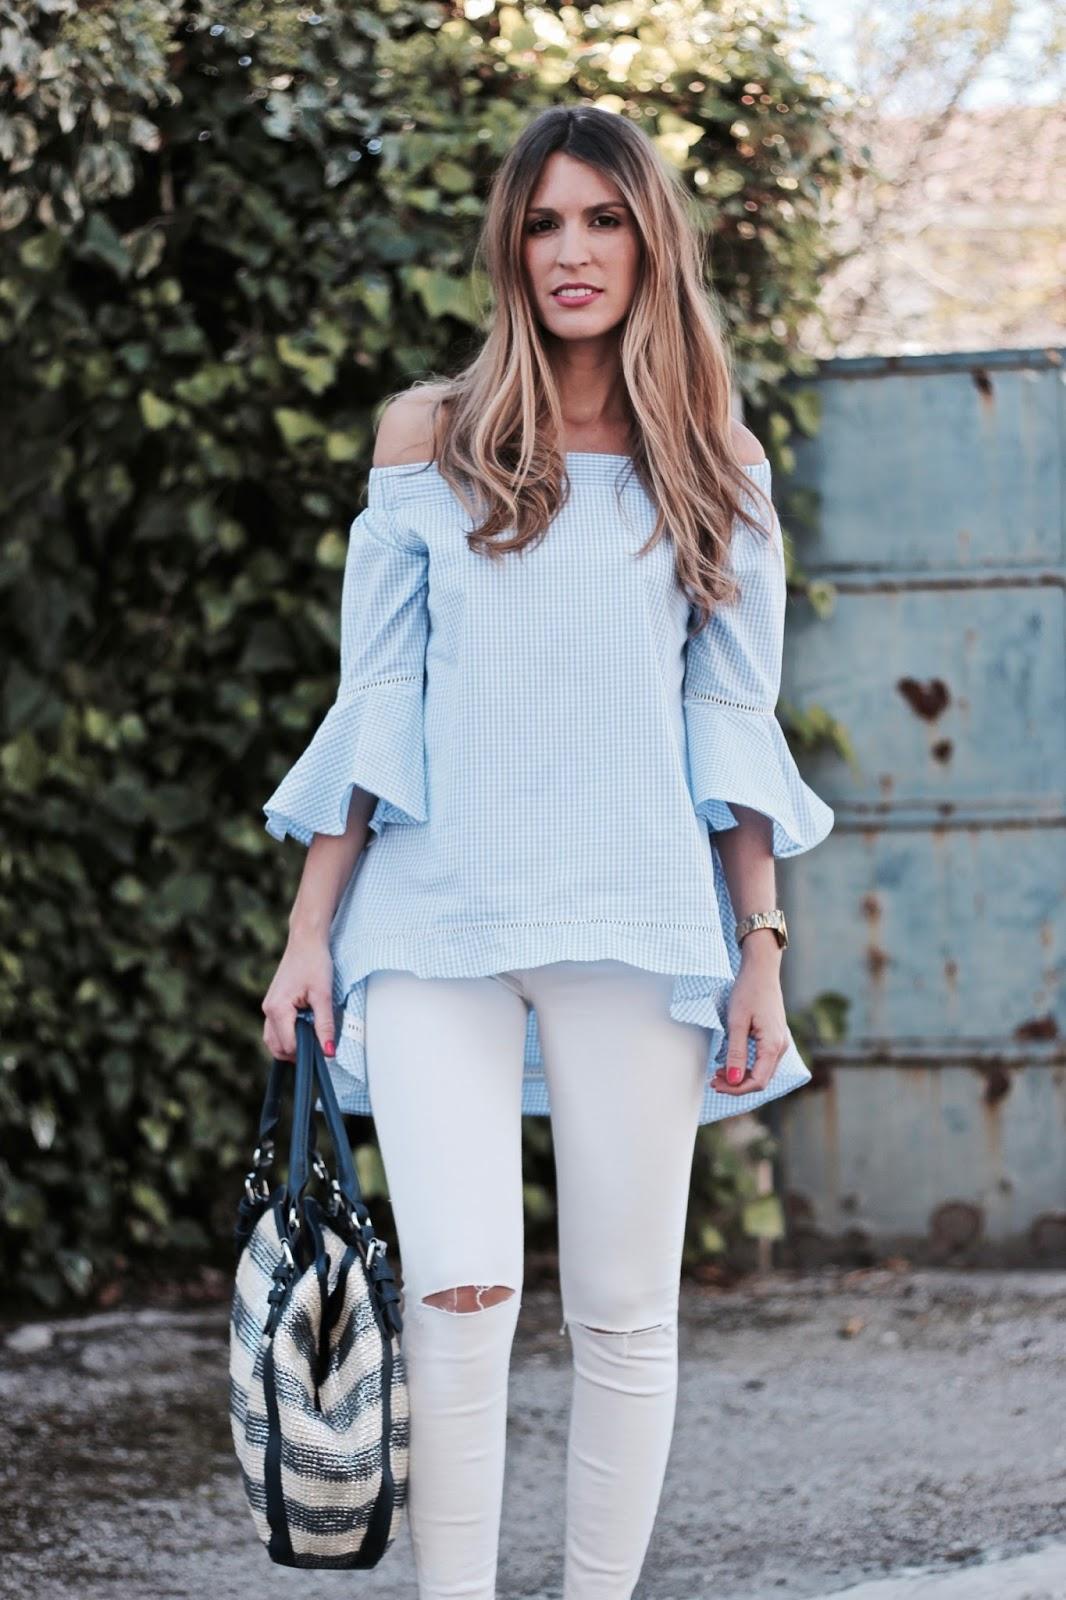 bloguer de moda Pamplona